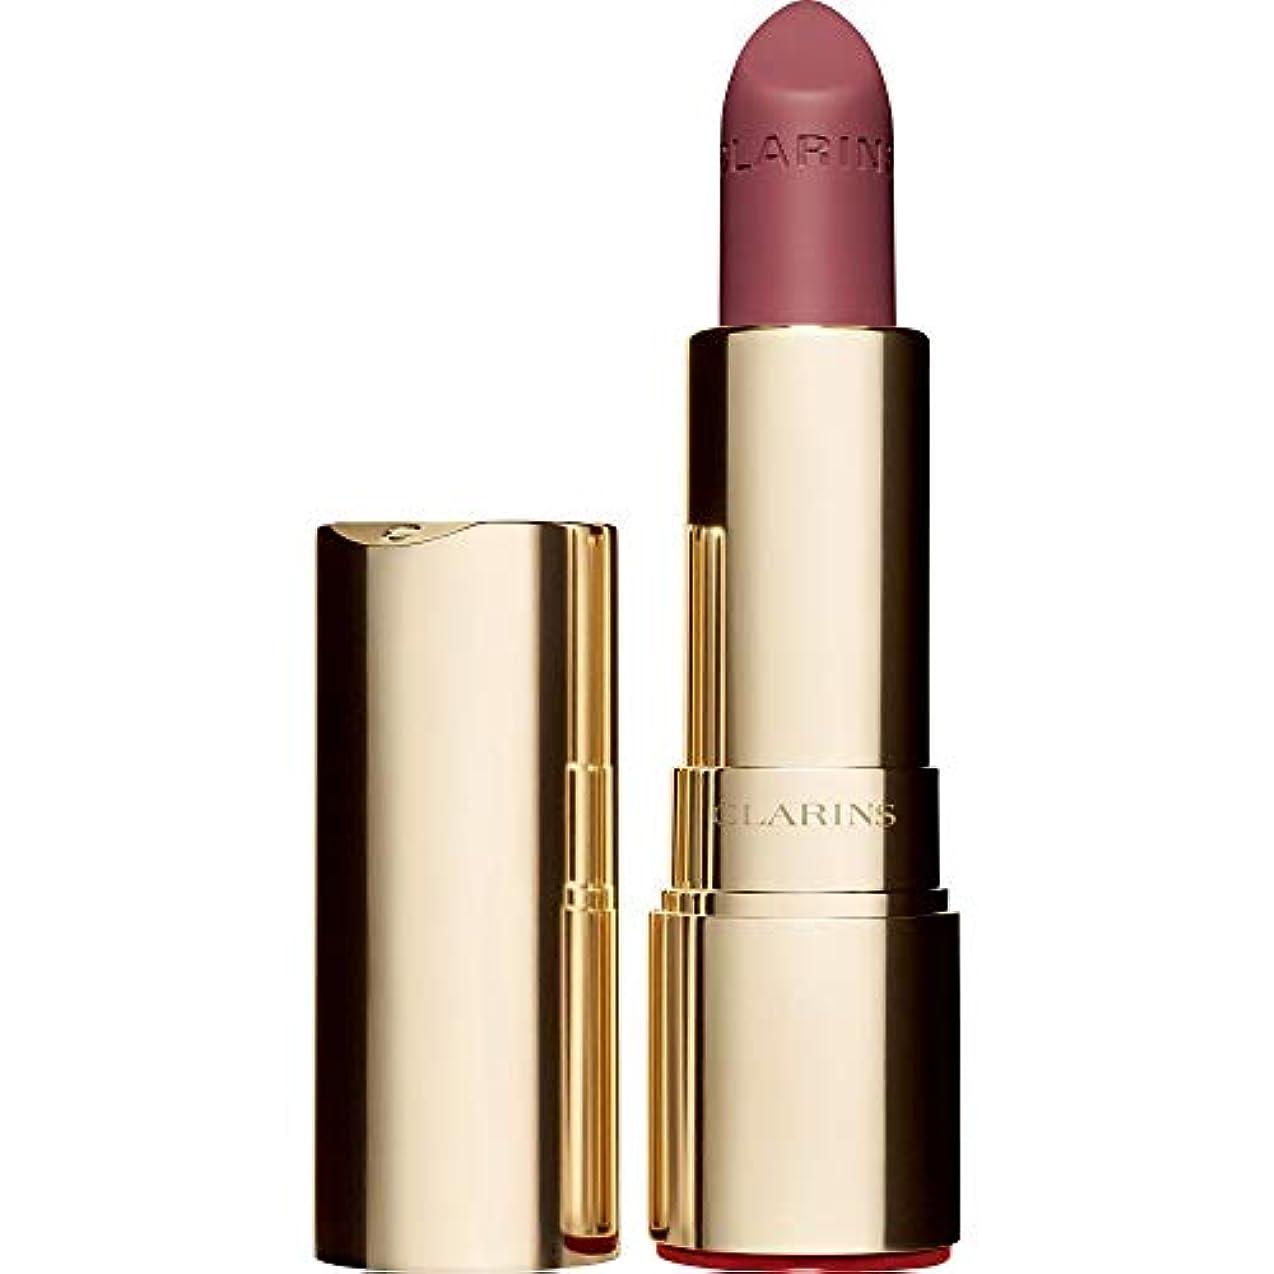 実行する限られたインデックス[Clarins] クラランスジョリルージュベルベットの口紅3.5グラムの731V - ベリーローズ - Clarins Joli Rouge Velvet Lipstick 3.5g 731V - Rose Berry...